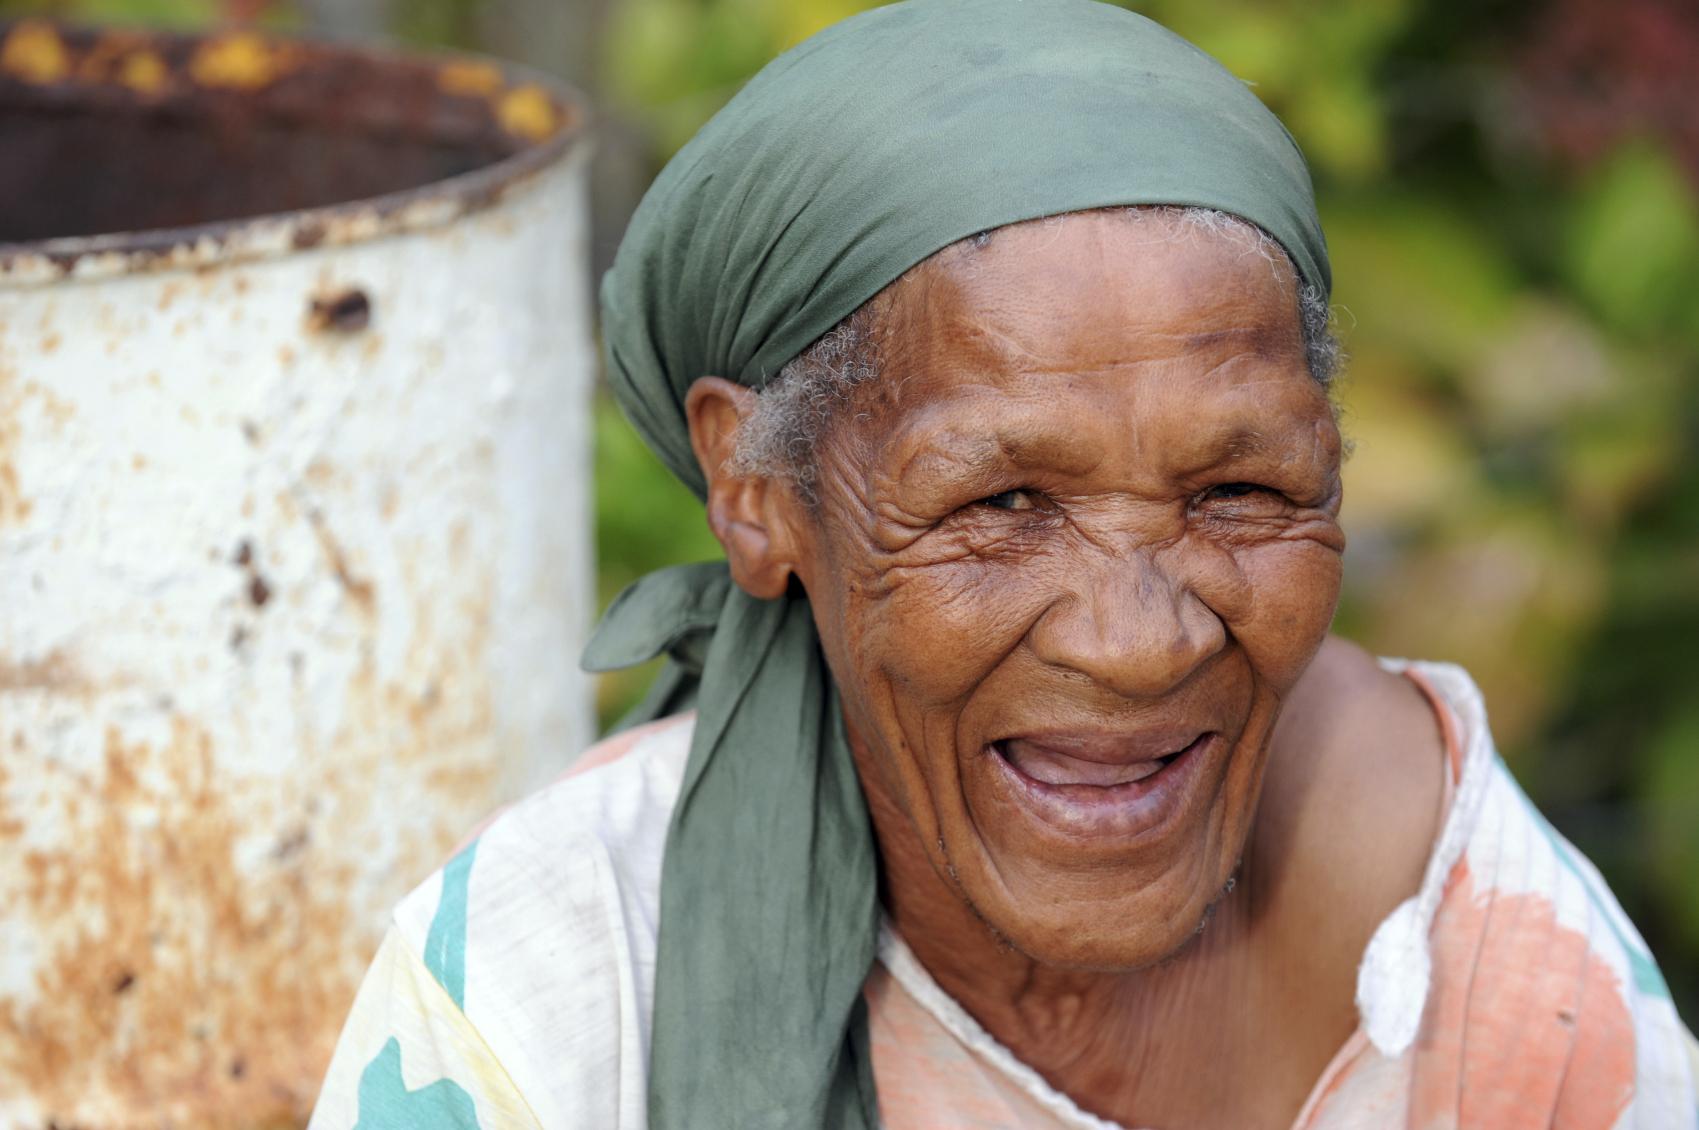 Mujeres víctimas del conflicto serán vinculadas a procesos del Centro de Memoria Histórica